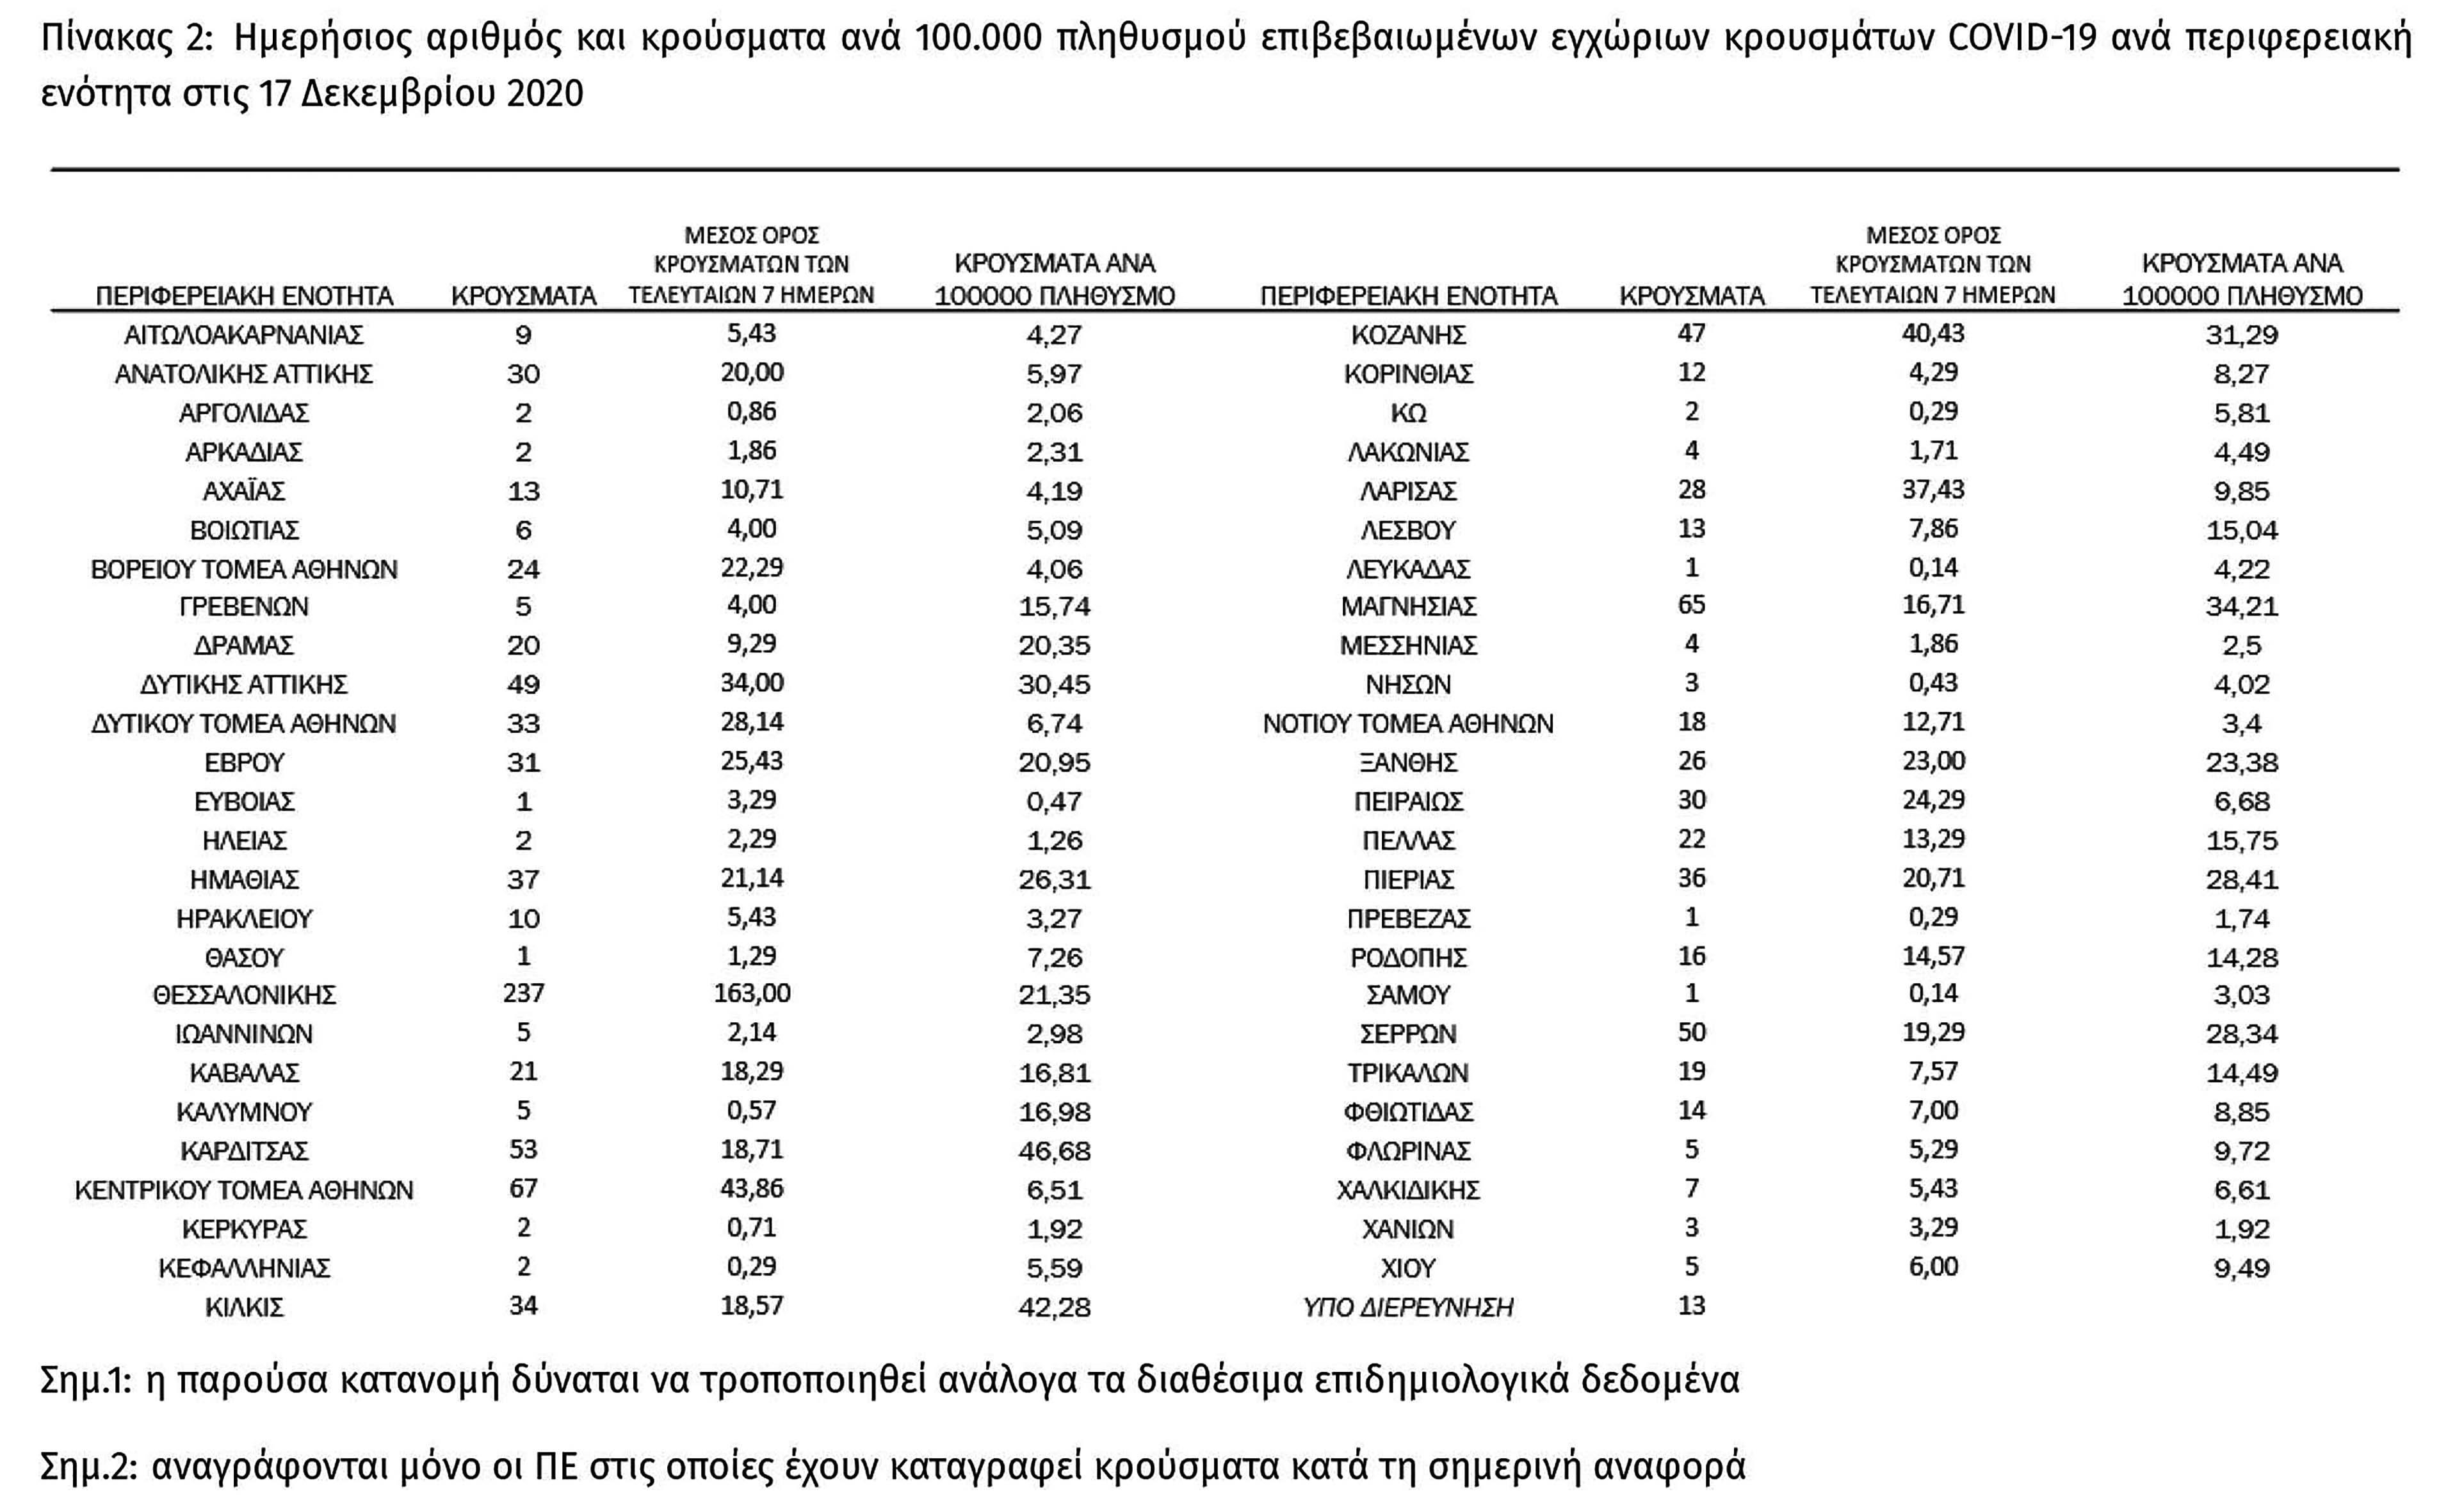 Κορονοϊός: 1.155 κρούσματα, 542 διασωληνωμένοι και 78 νεκροί - Κεντρικός Τομέα Αθηνών 67, Δυτική Αττική 49